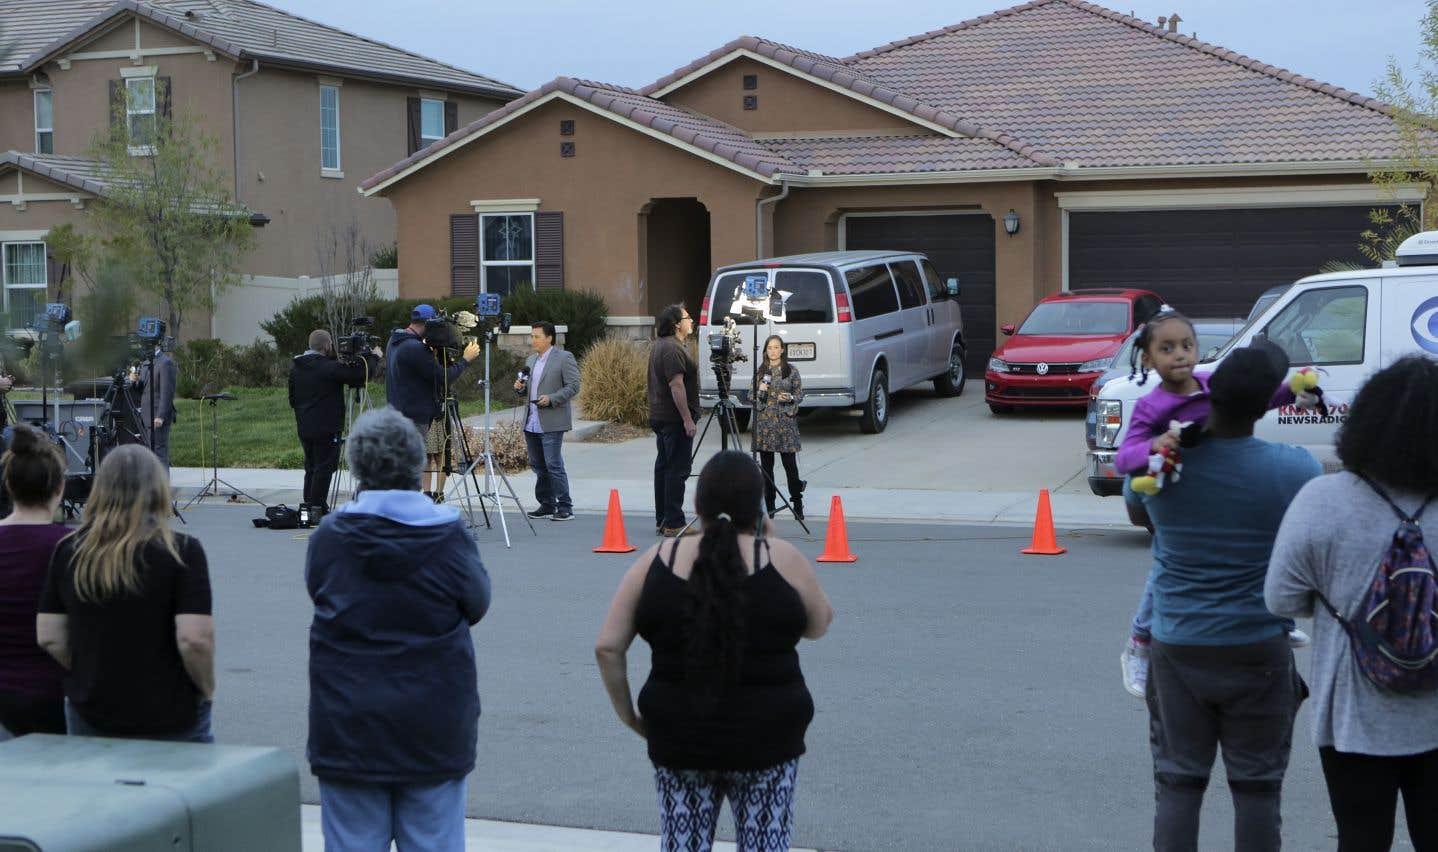 Des résidants de Perris sont rassemblés avec des représentants des médias devant la maison où les autorités ont trouvé les douze enfants retenus captifs.